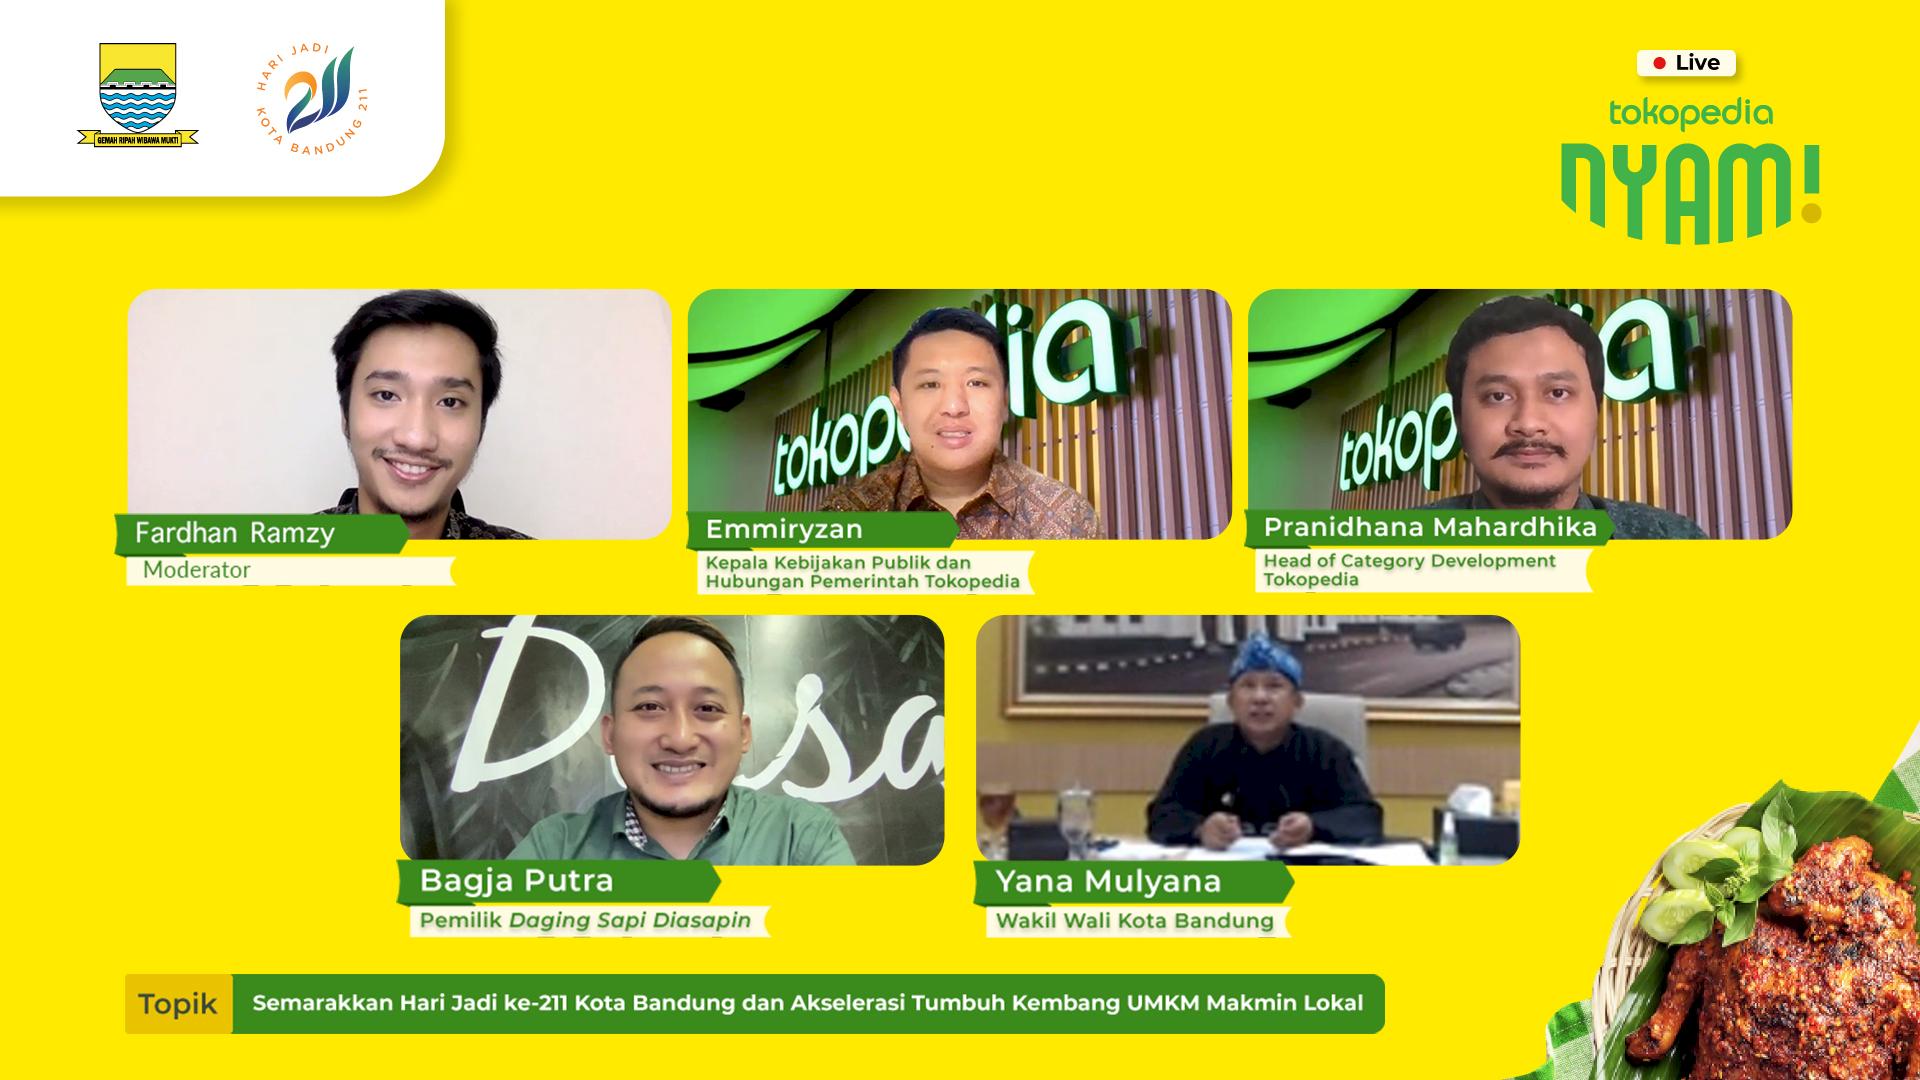 Semarakkan HUT ke-211 Kota Bandung, Tokopedia Bantu UMKM Makmin Dongkrak Penjualan lewat Tokopedia Nyam Bandung